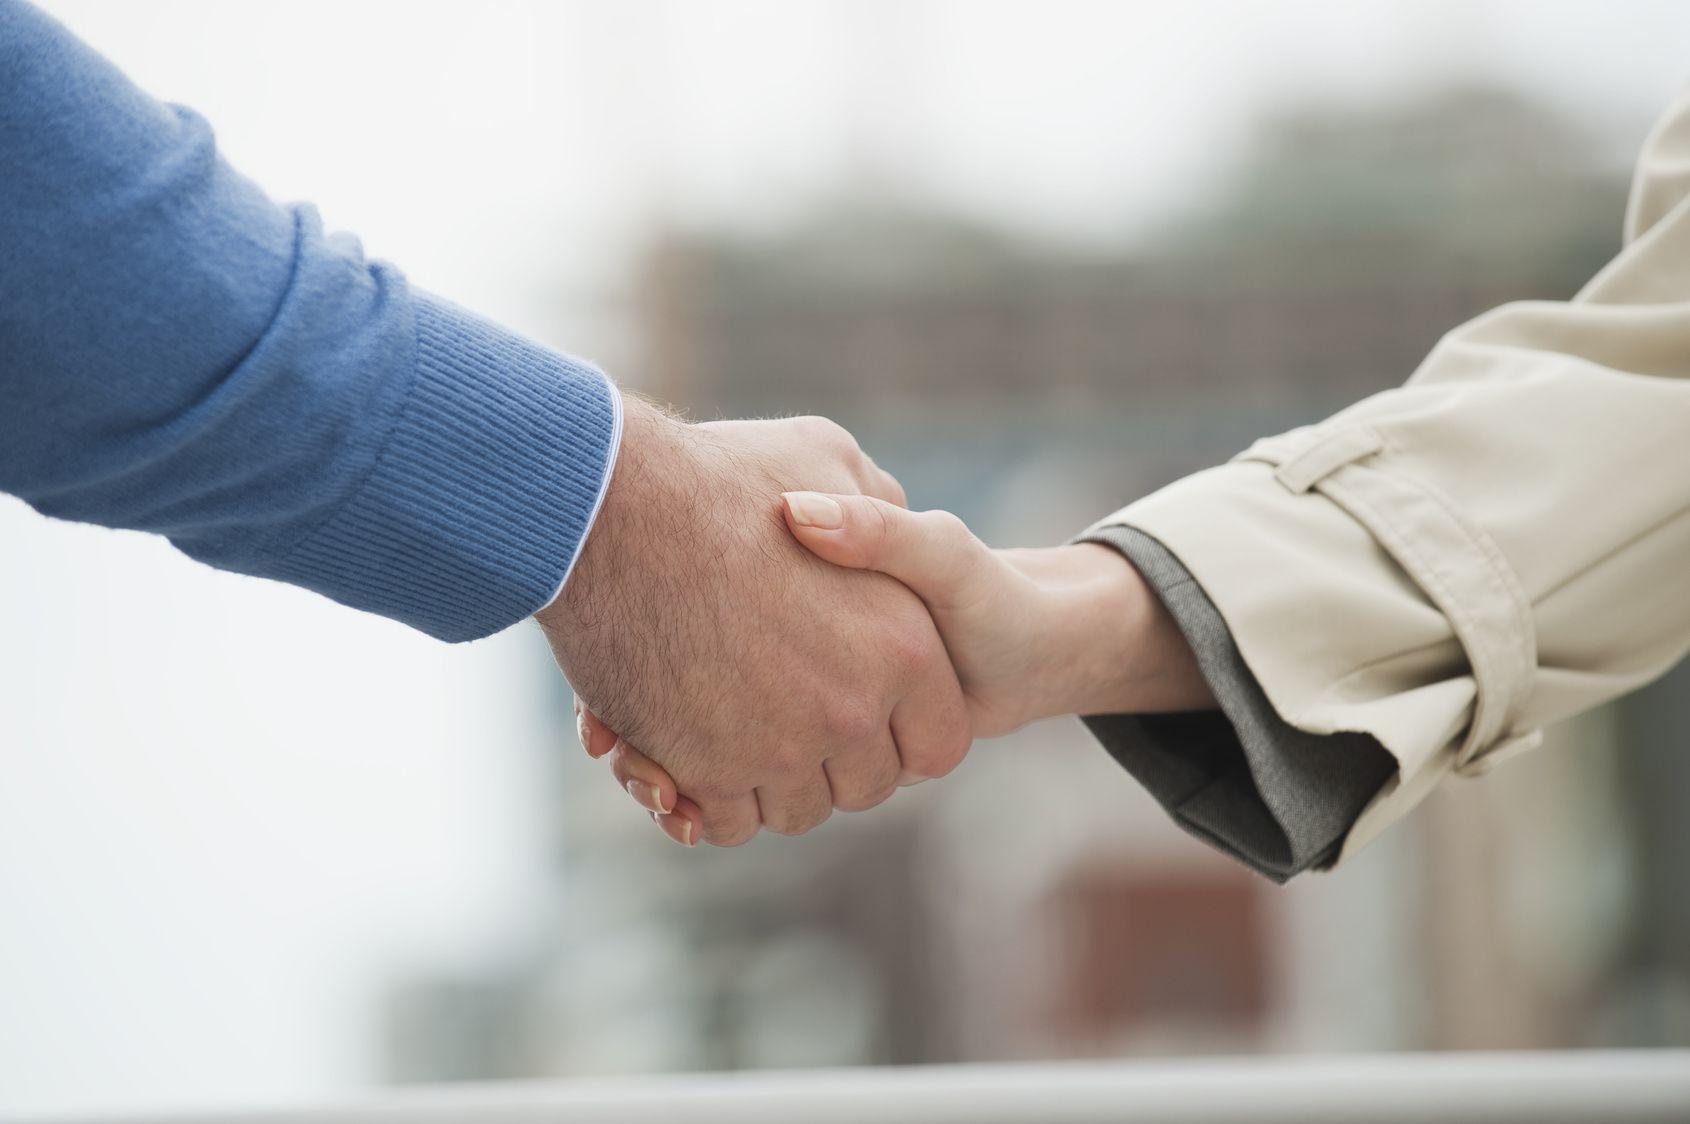 Come guadagnarti il rispetto degli altri, facendo crescere la tua impresa - Fondazione Angelo Affinita